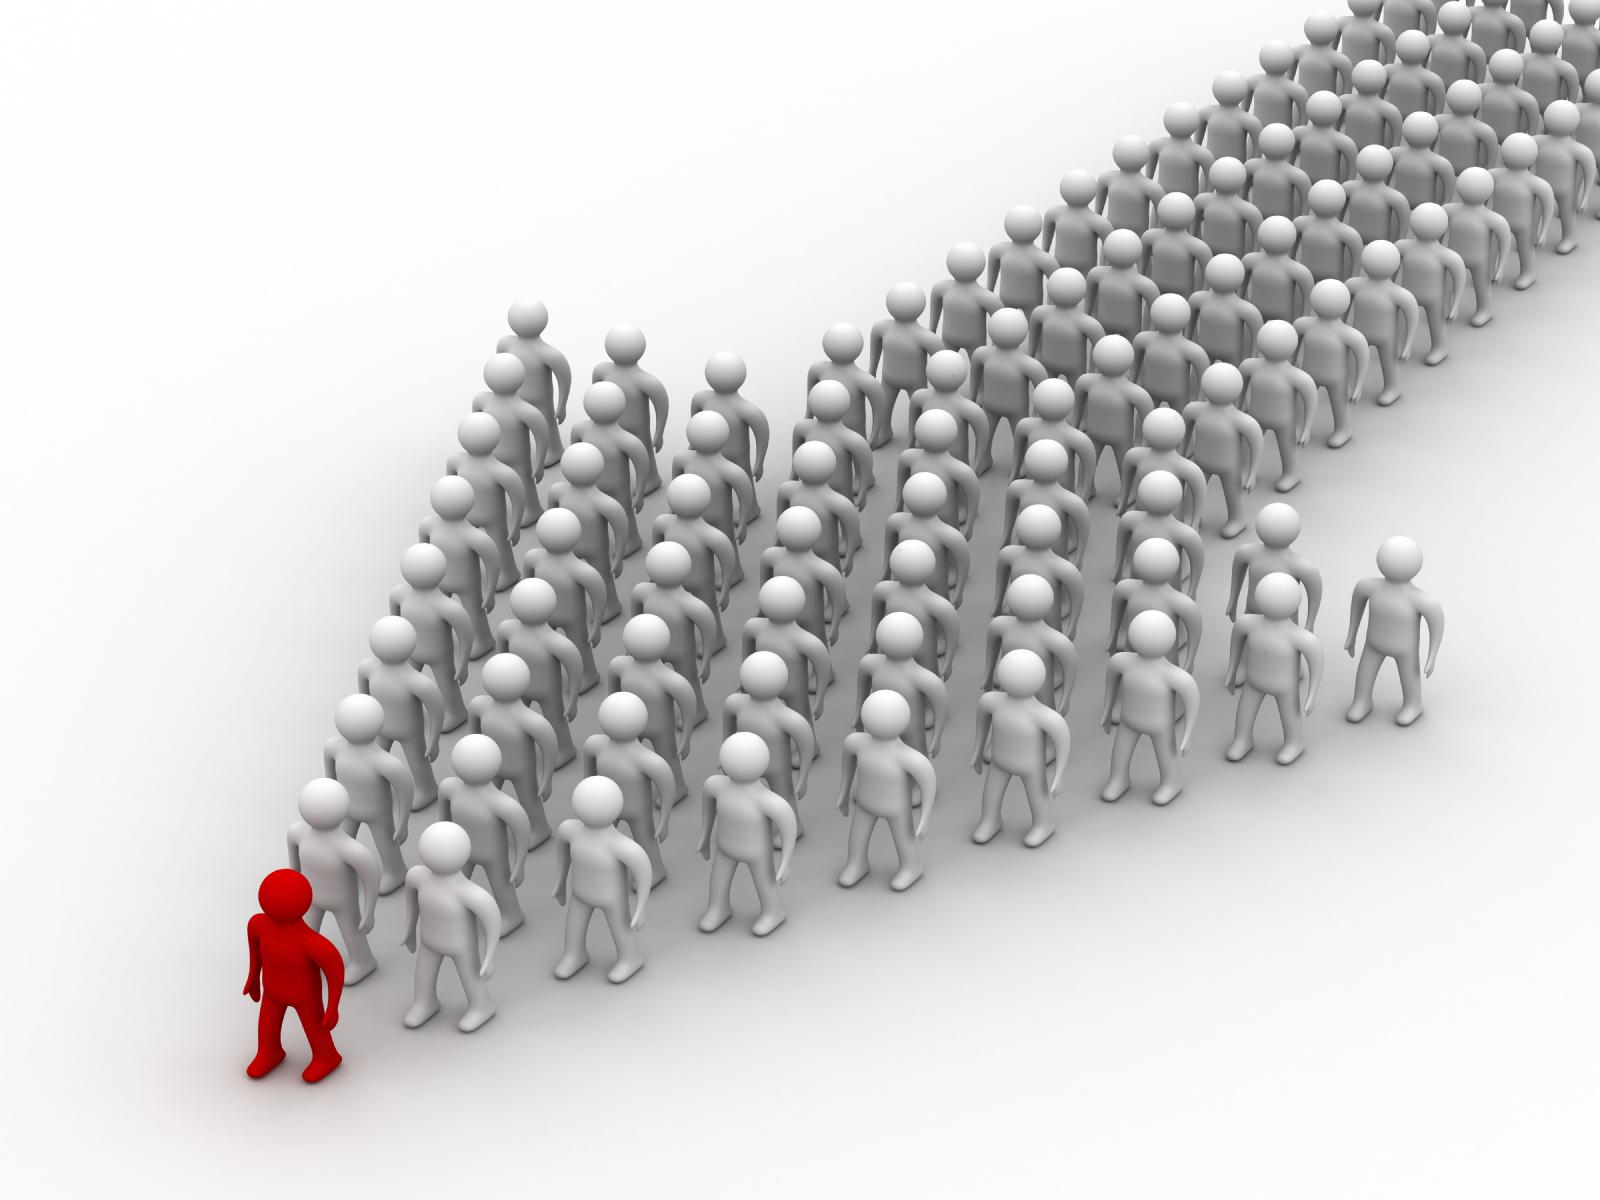 La dirección y el liderazgo como factor clave del éxito